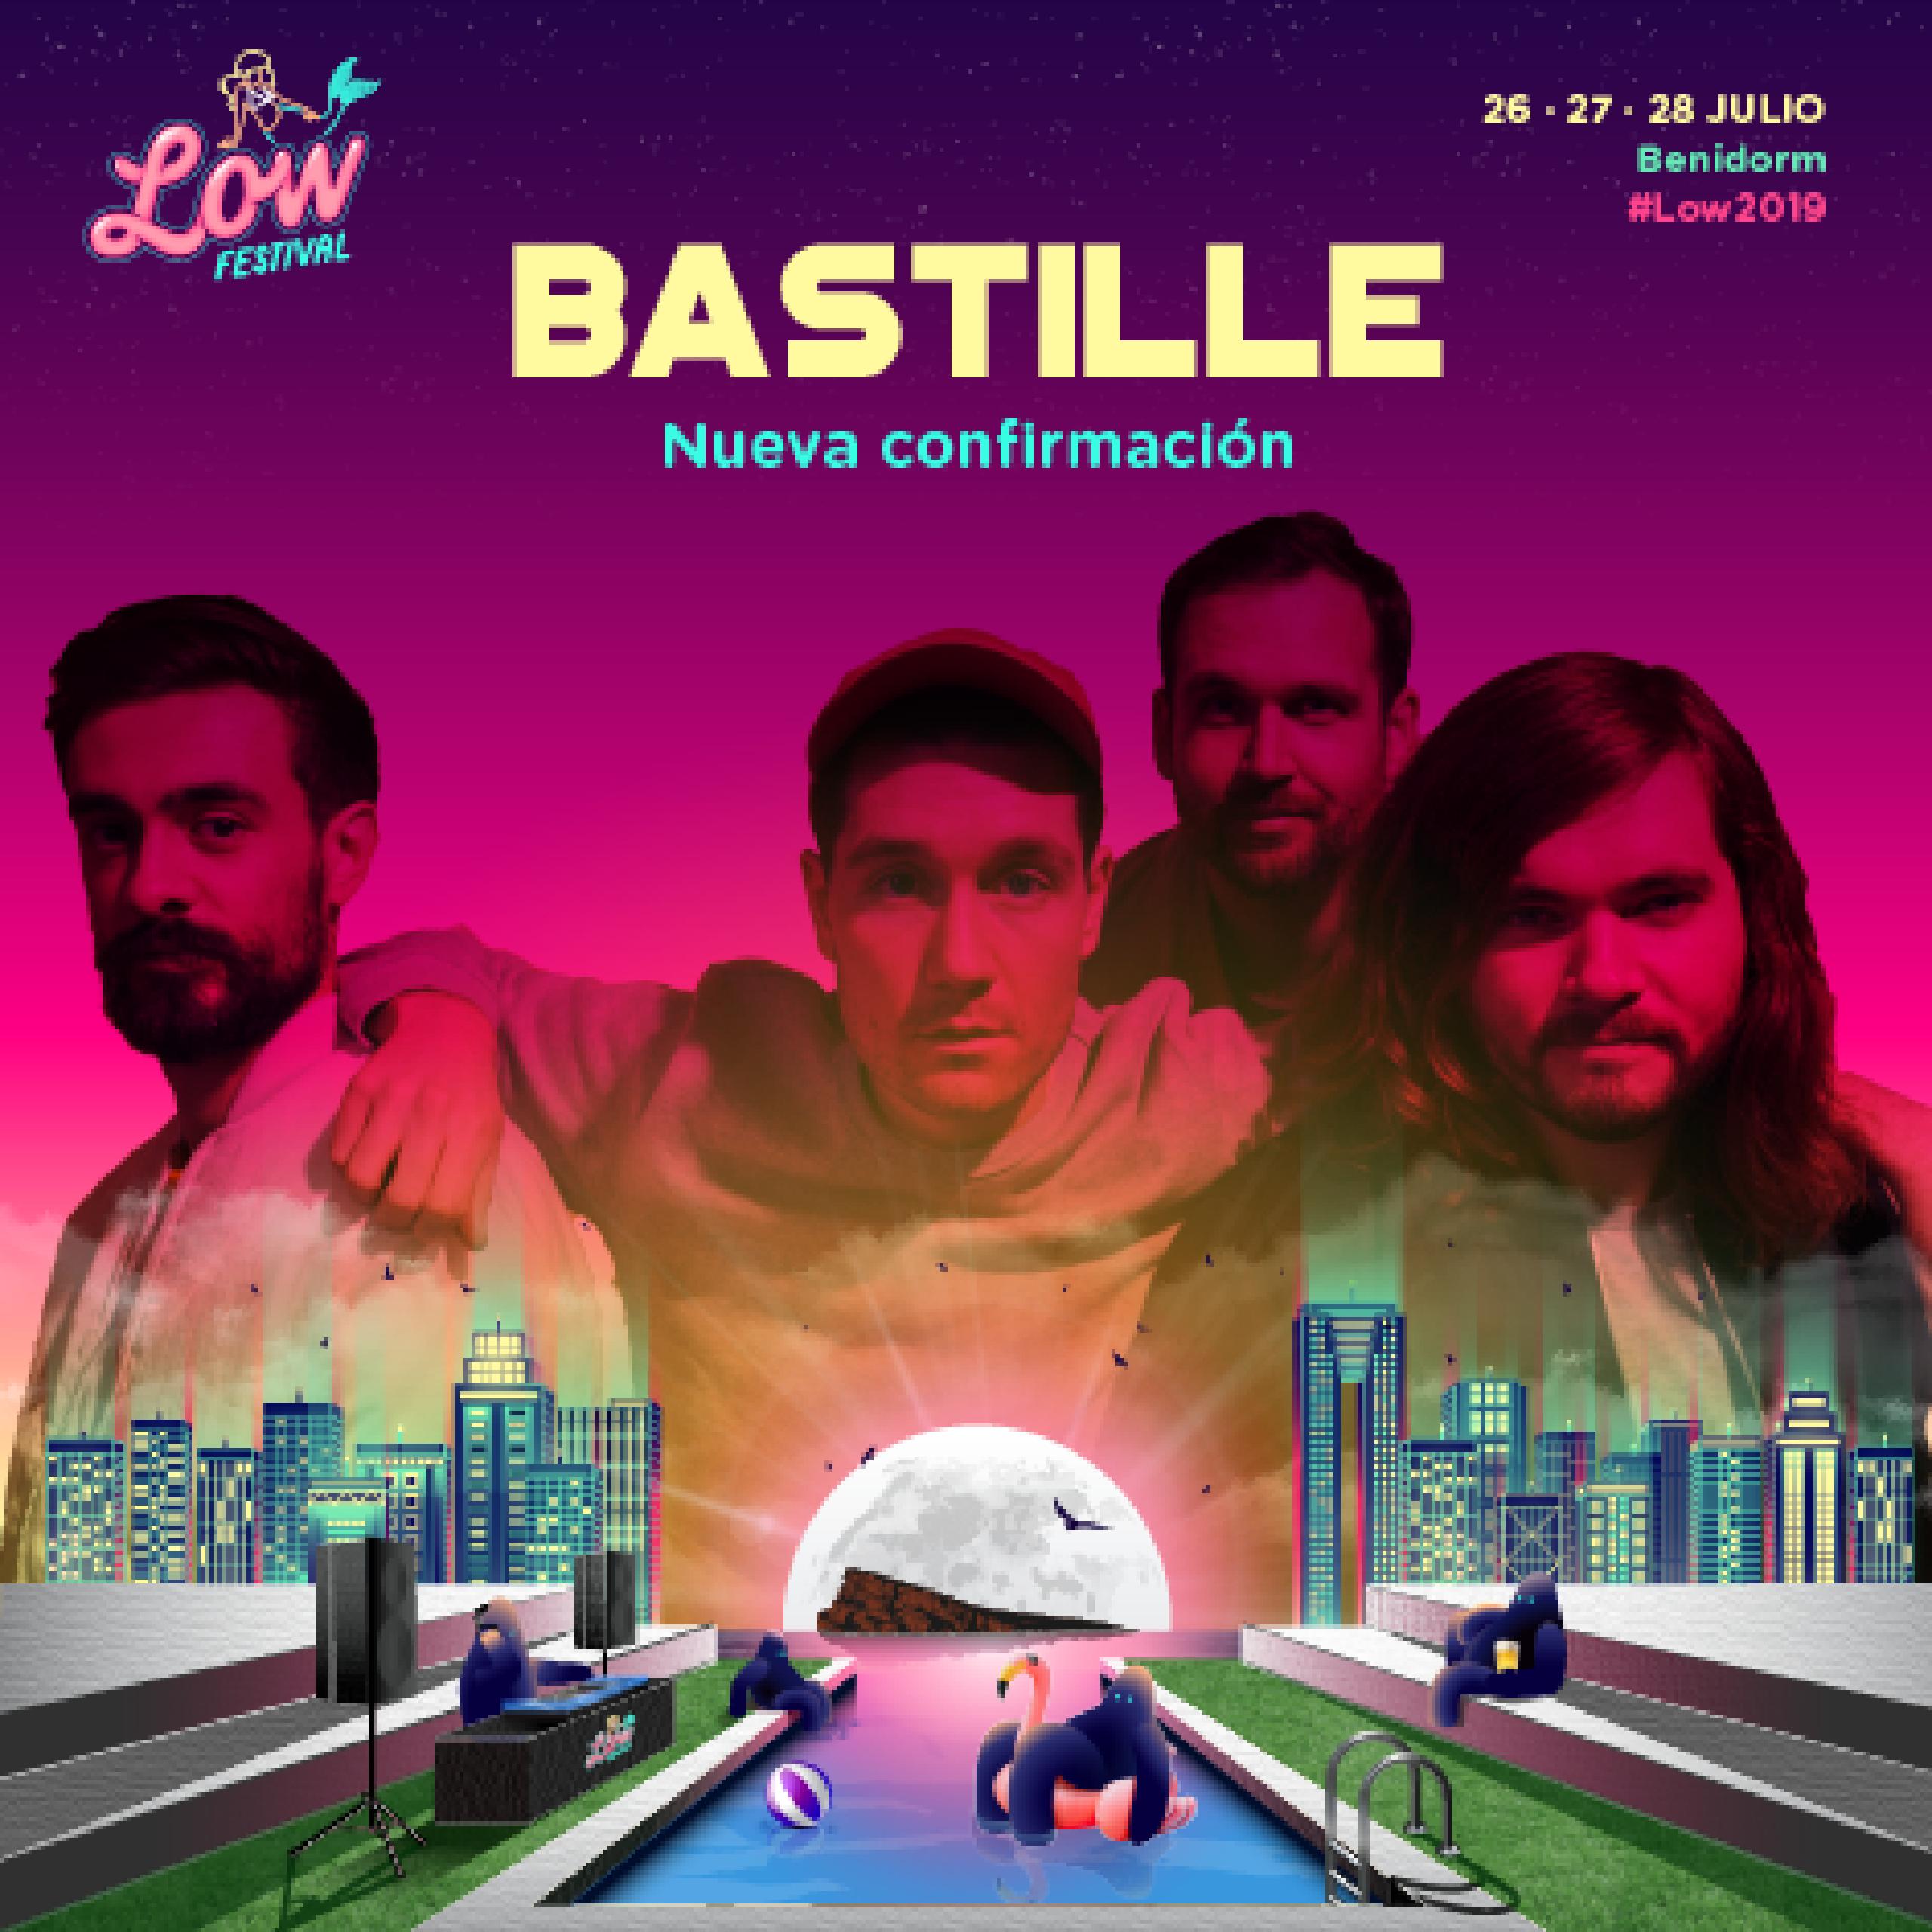 Segunda confirmación Low Festival